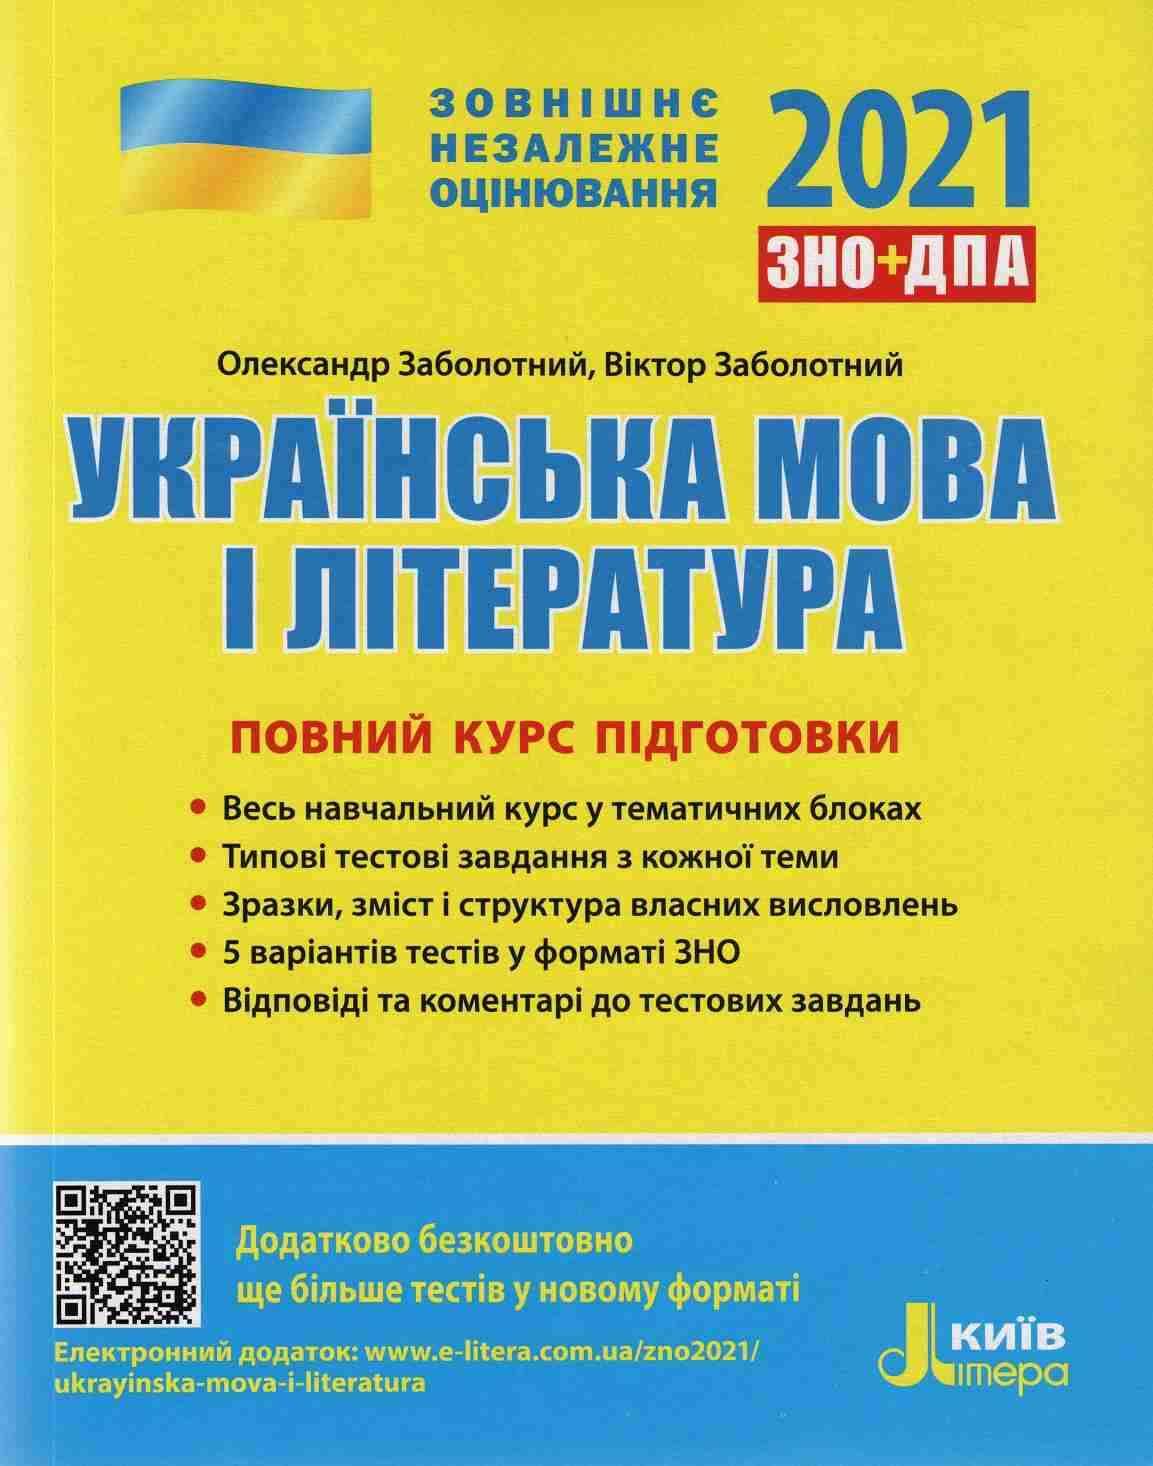 ЗНО 2021 Українська мова і література Повний курс підготовки Заболотний О. Літера